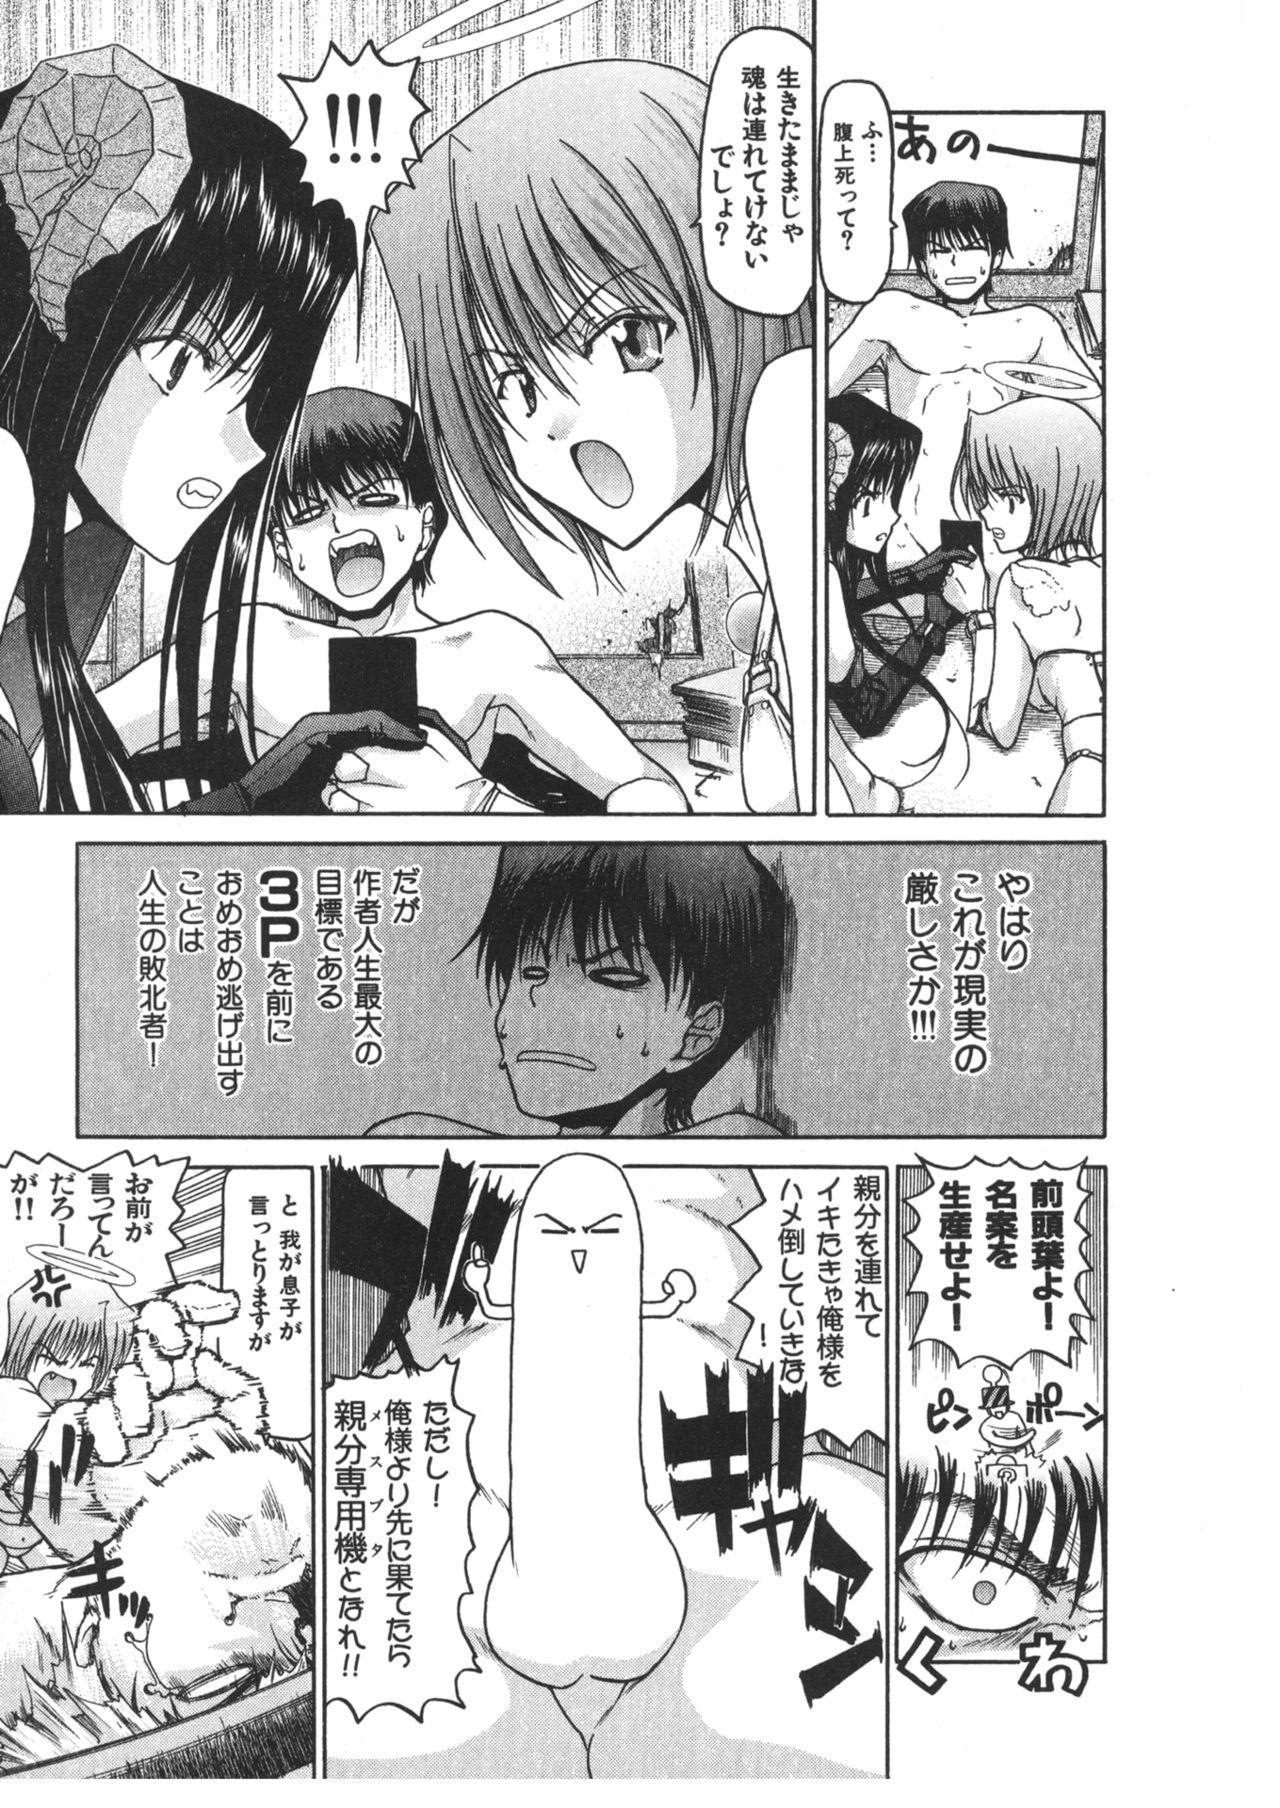 COMIC Kairakuten 25 Shuunen kinen tokubetsugou 103